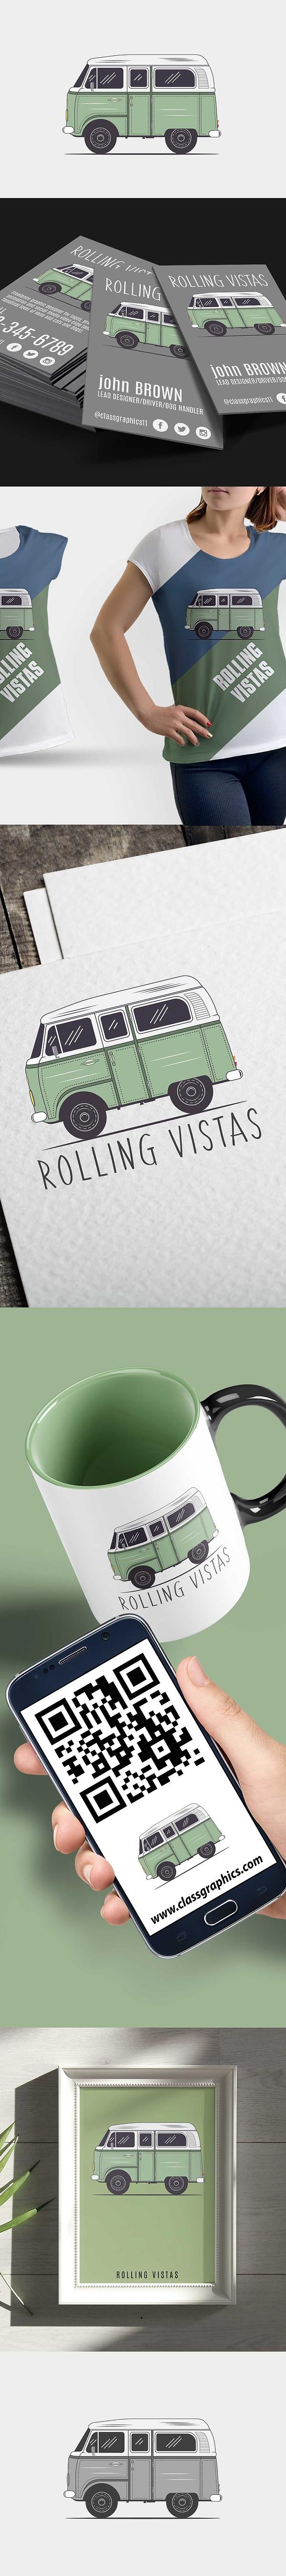 Vertical-Rolling-Vistas-1.jpg